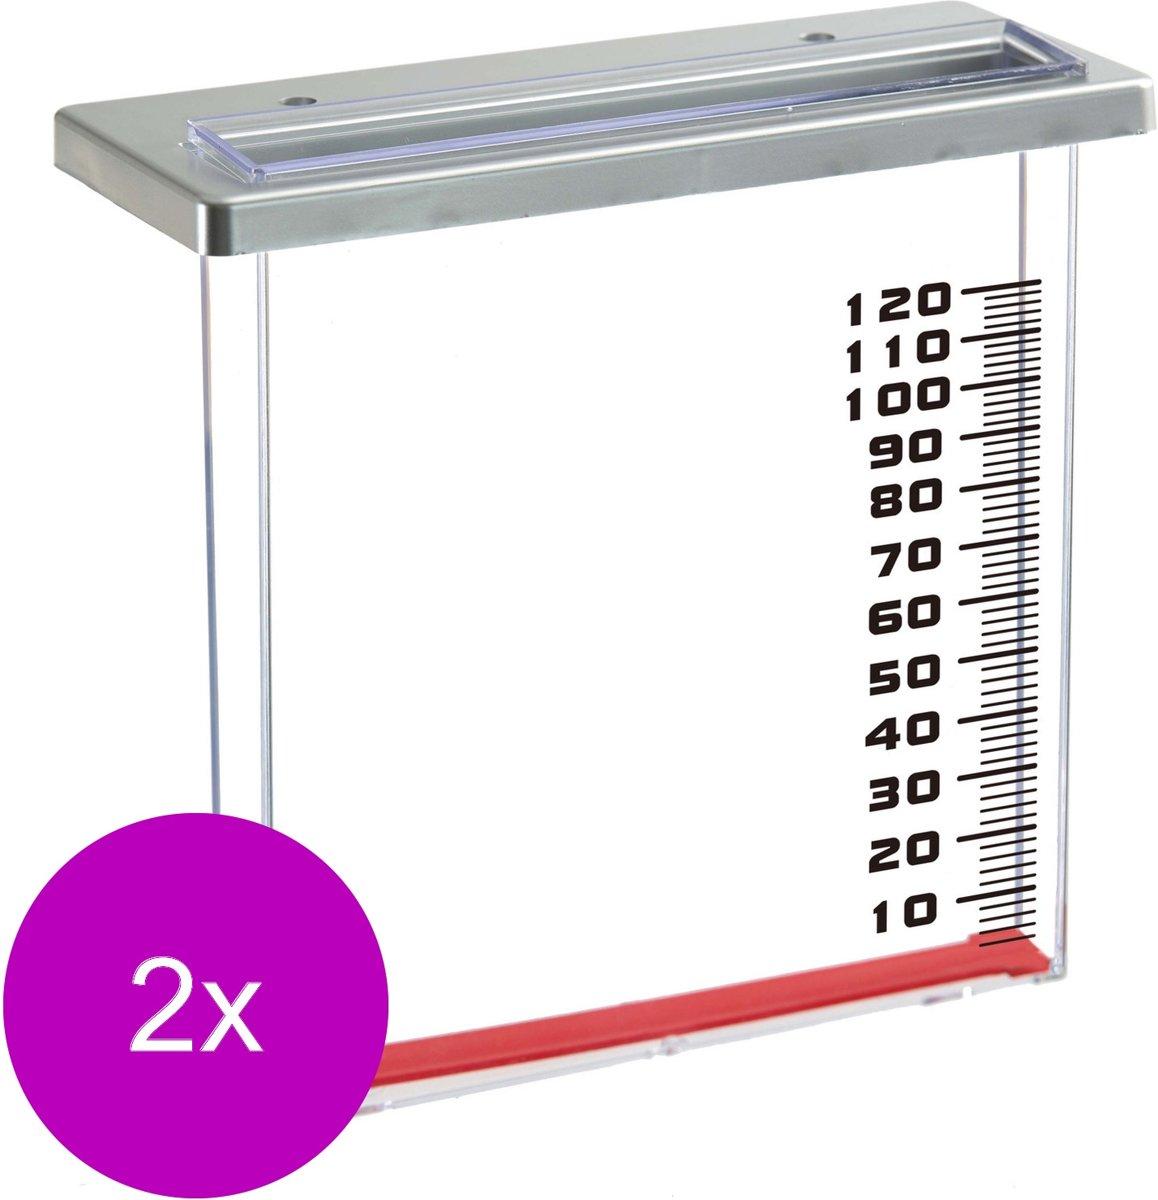 Nature Regenmeter Voor Balkon - Regenmeter - 2 x Transparant kopen